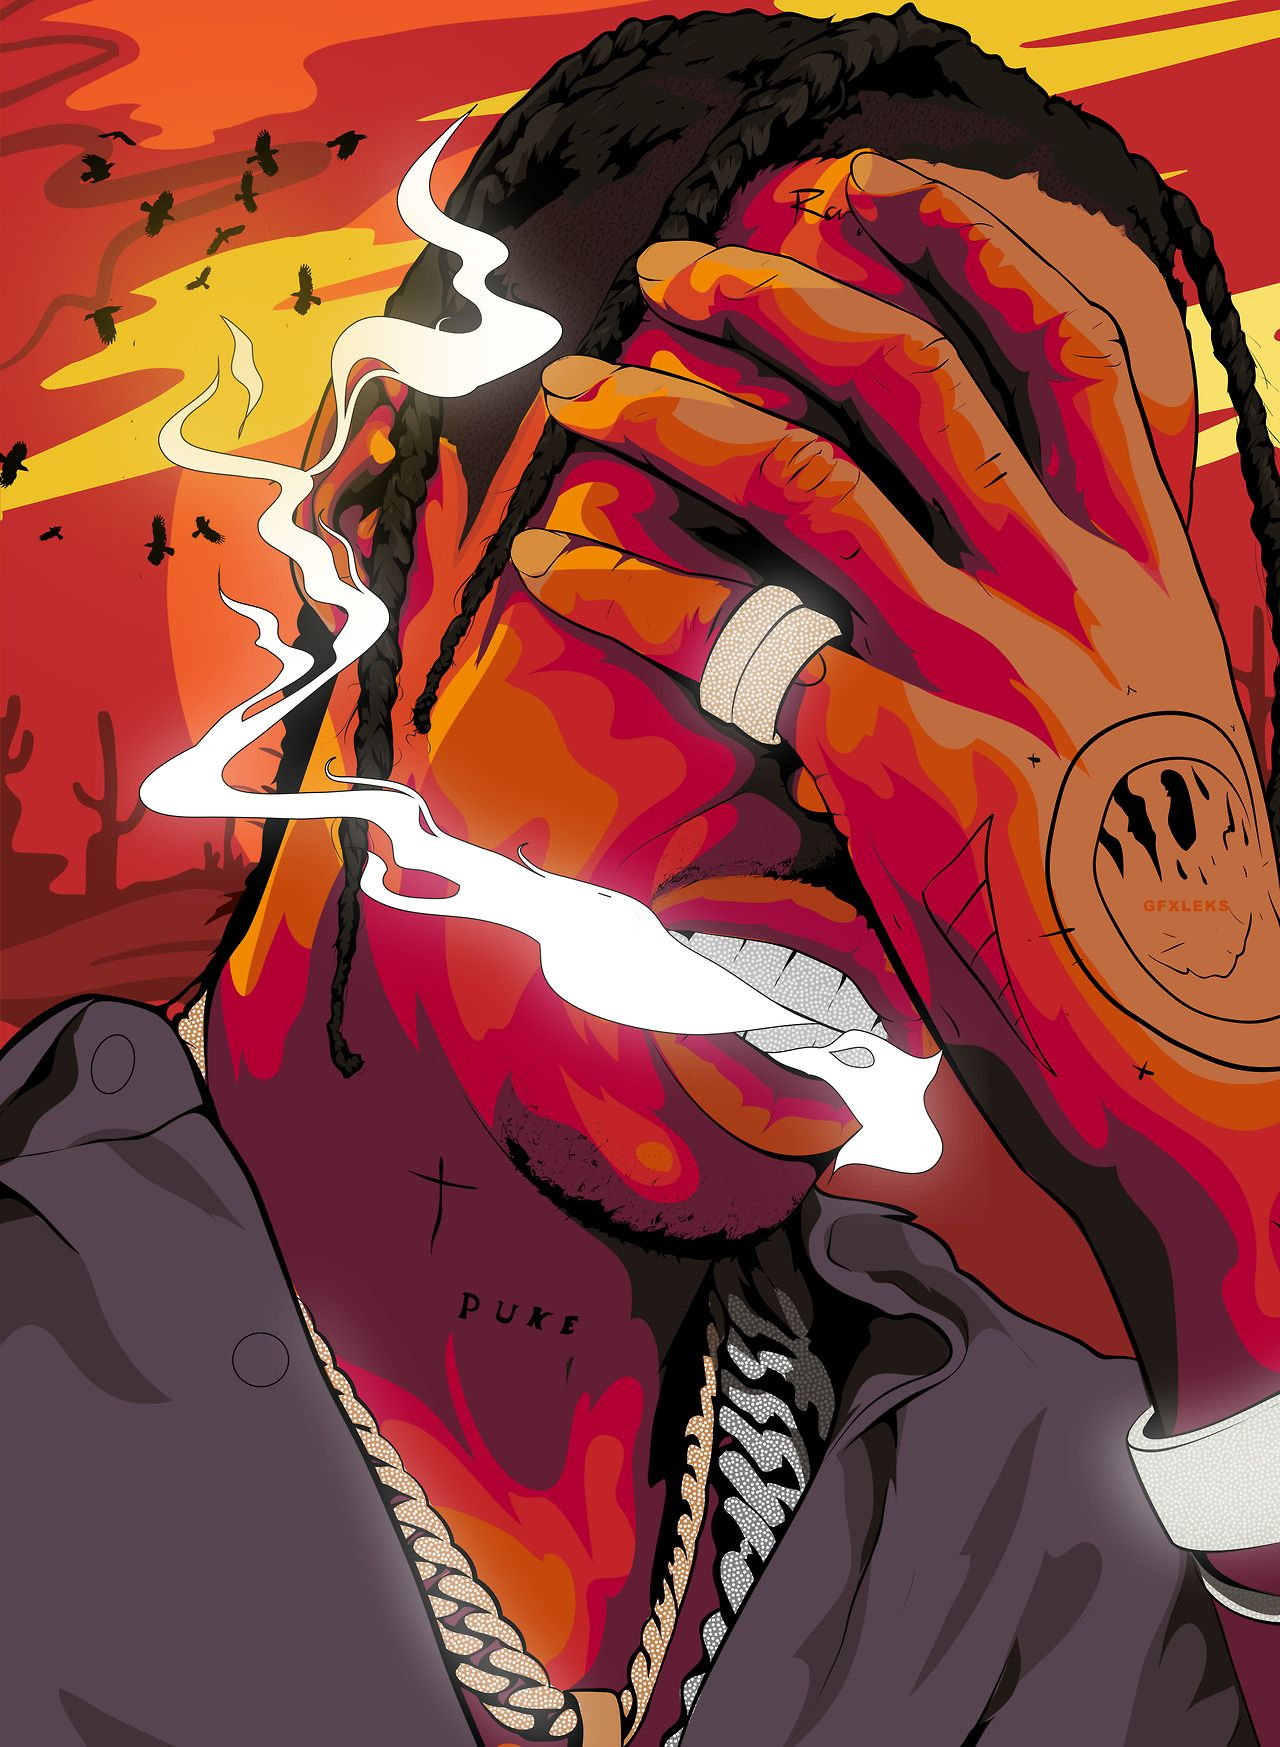 Pin By Erick Morgan On Batman Batman Travis Scott Art Travis Scott Wallpapers Hip Hop Art